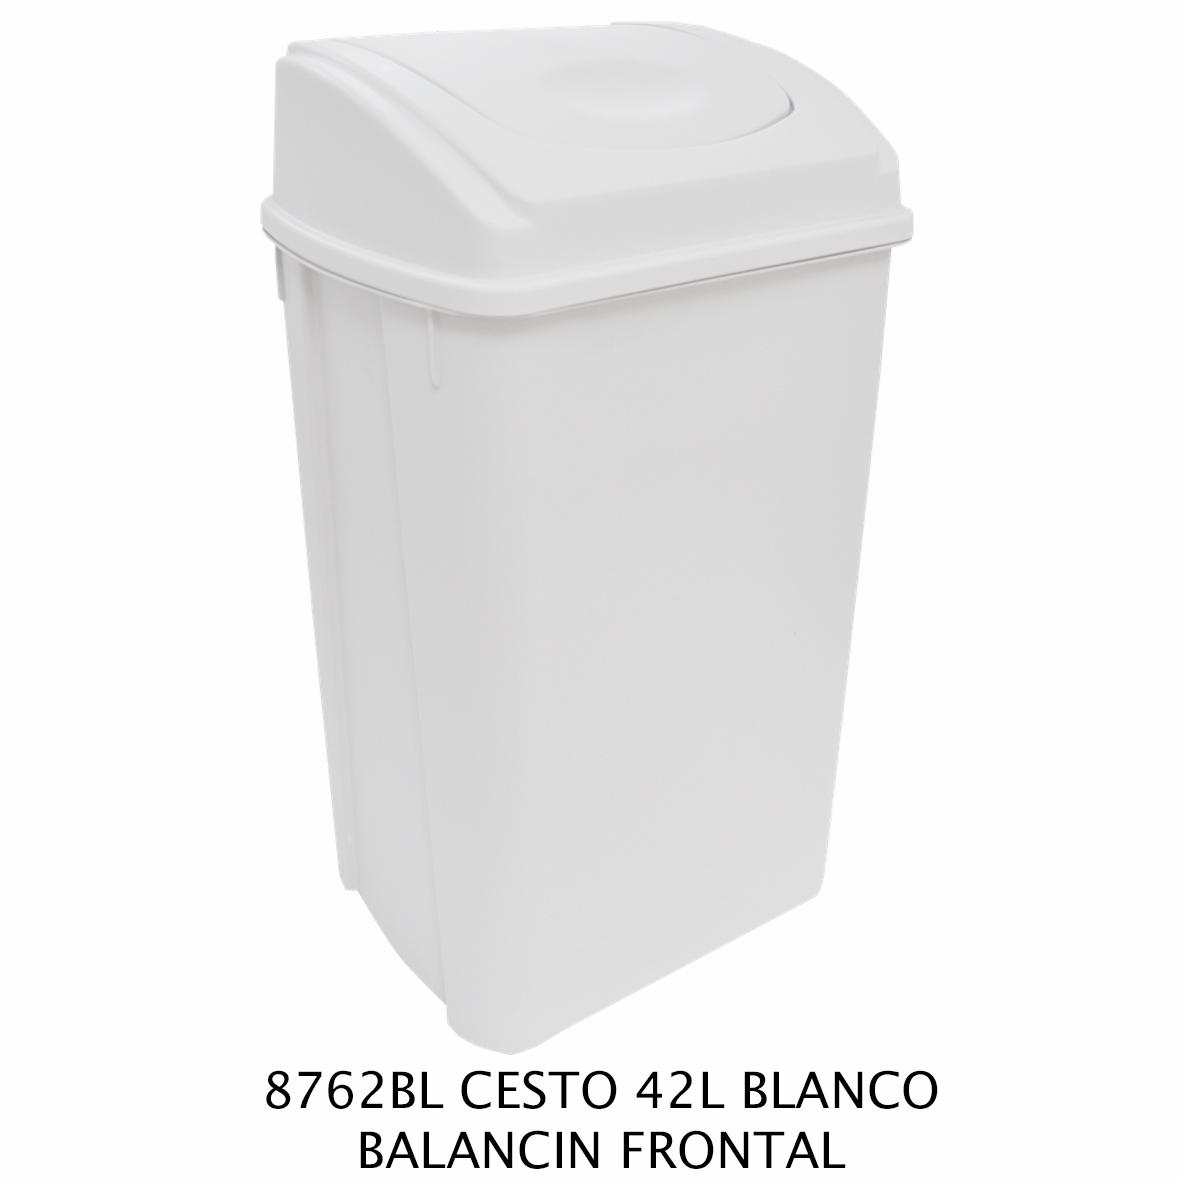 Bote de basura de 42 litros con balancin frontal color blanco modelo 8762BL de Sablón